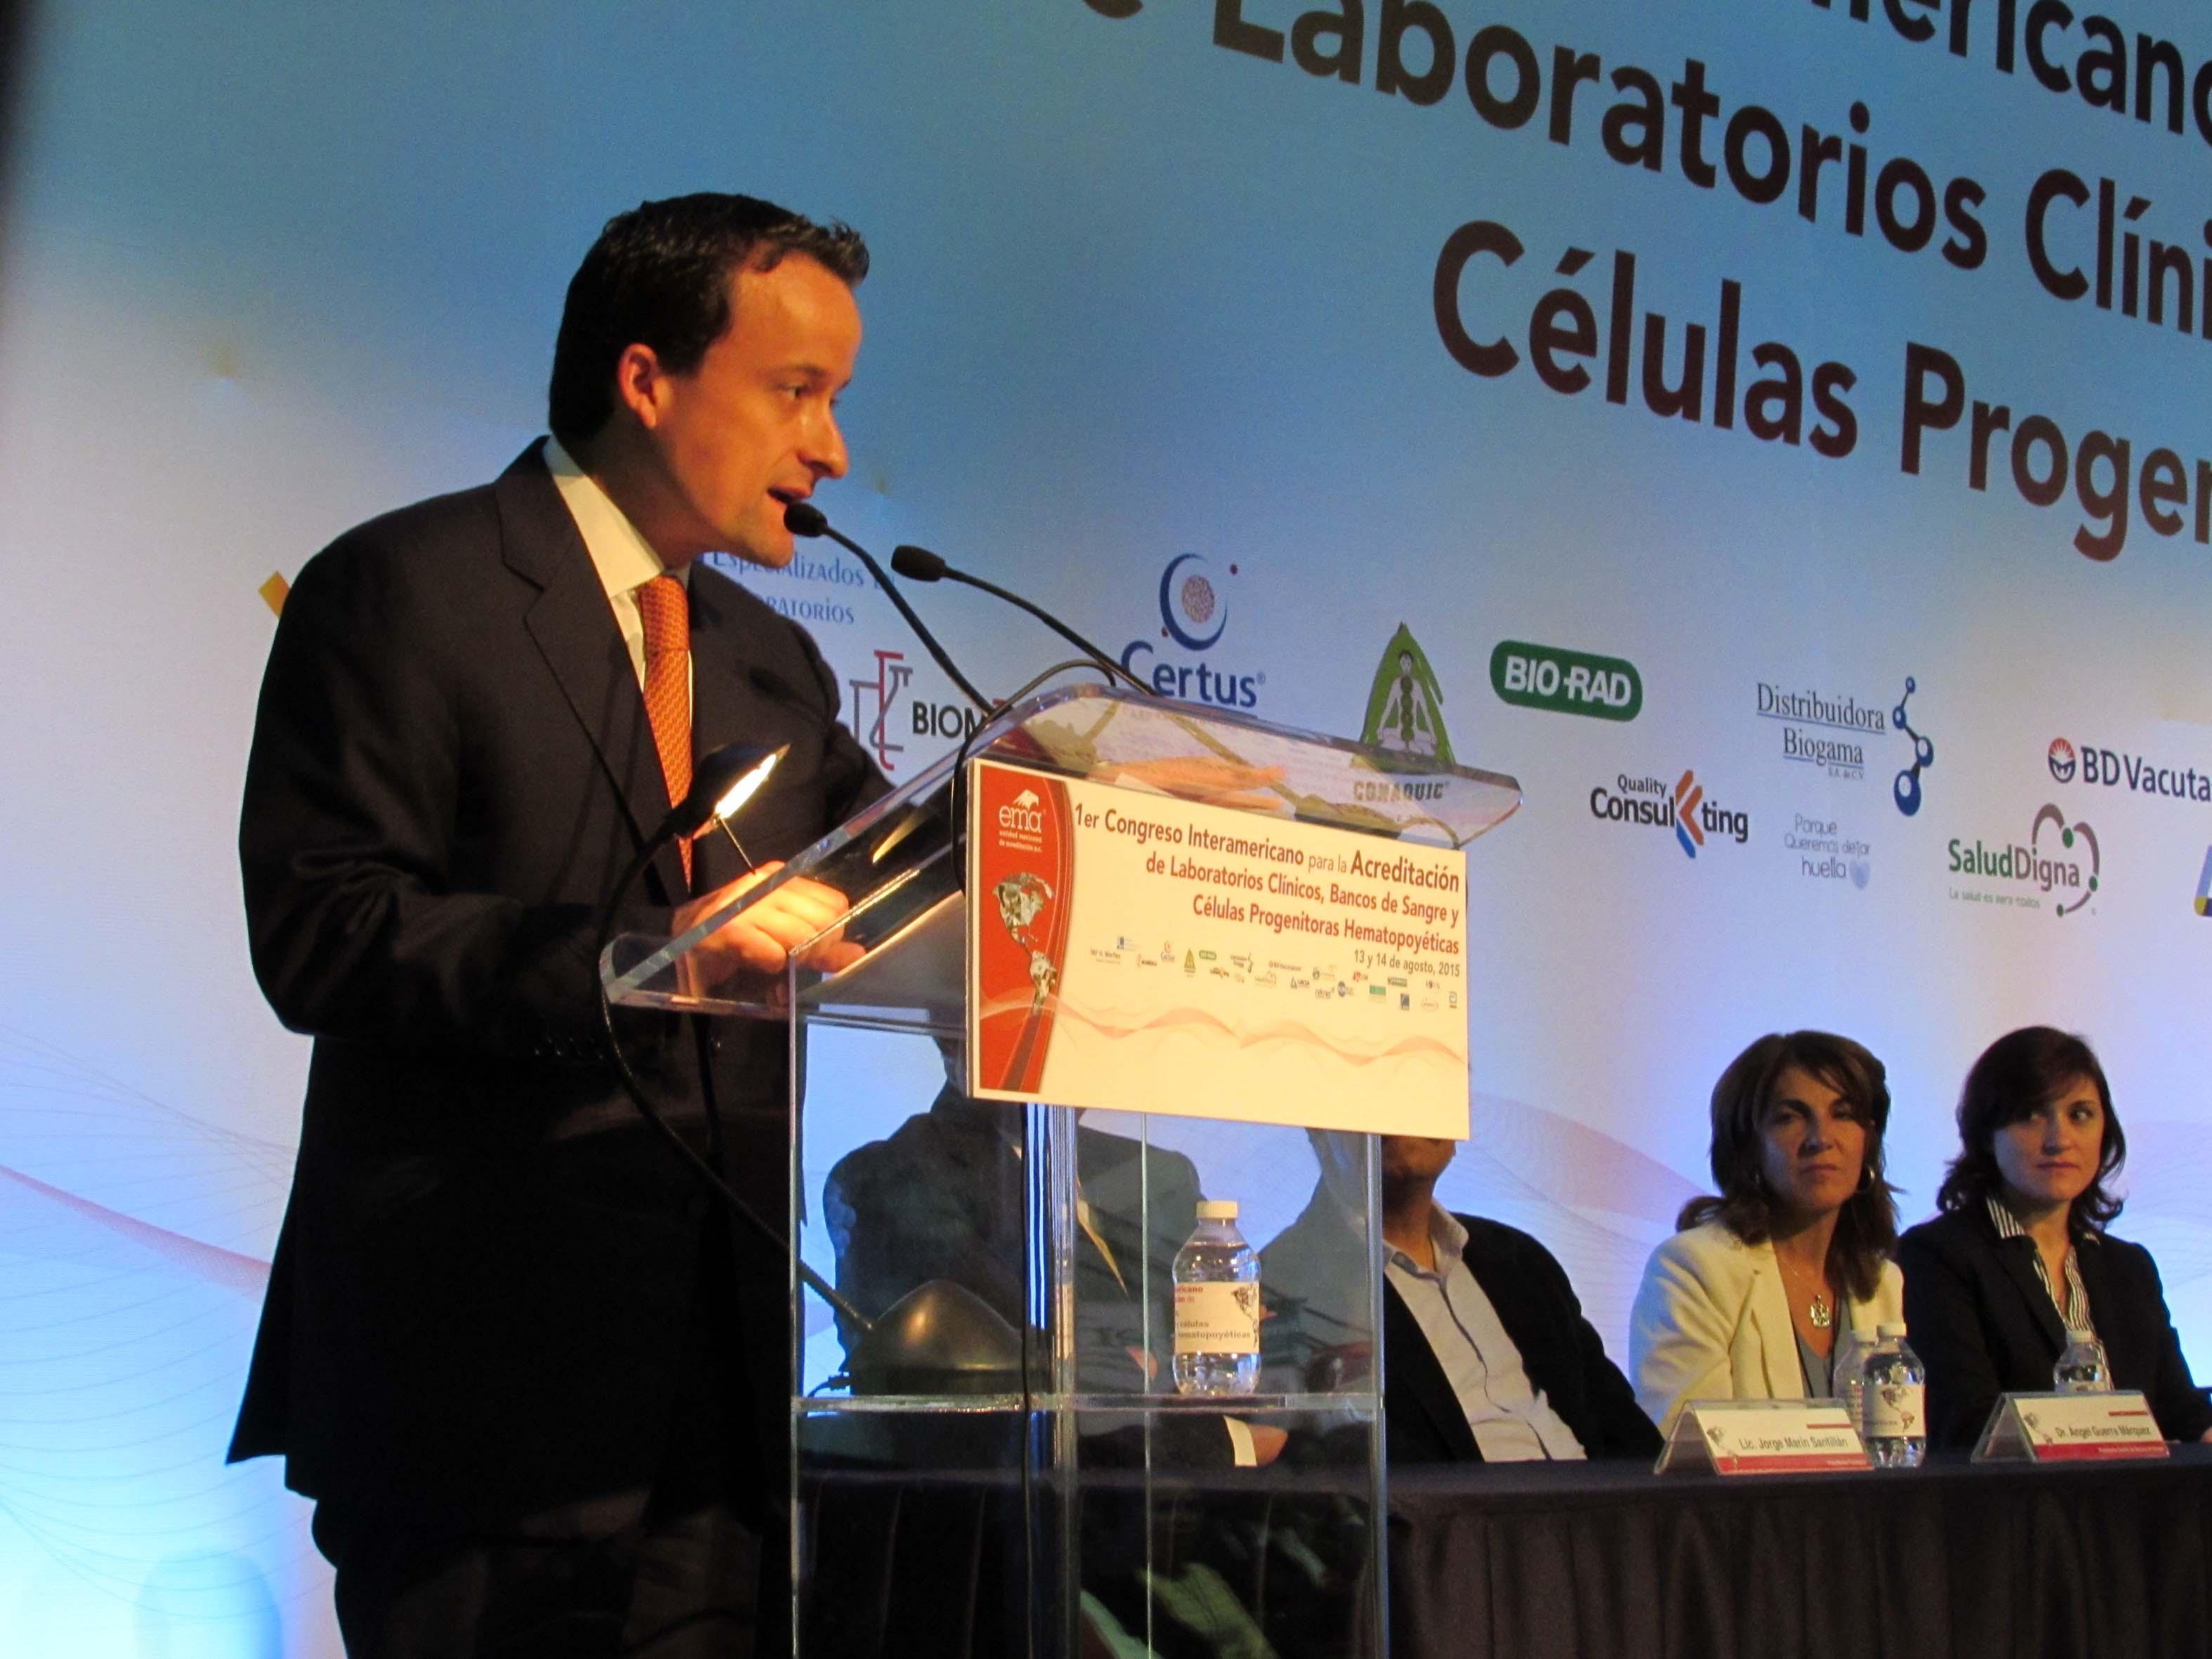 Se continuará promoviendo la acreditación de laboratorios clínicos para prevenir riesgos a la salud pública